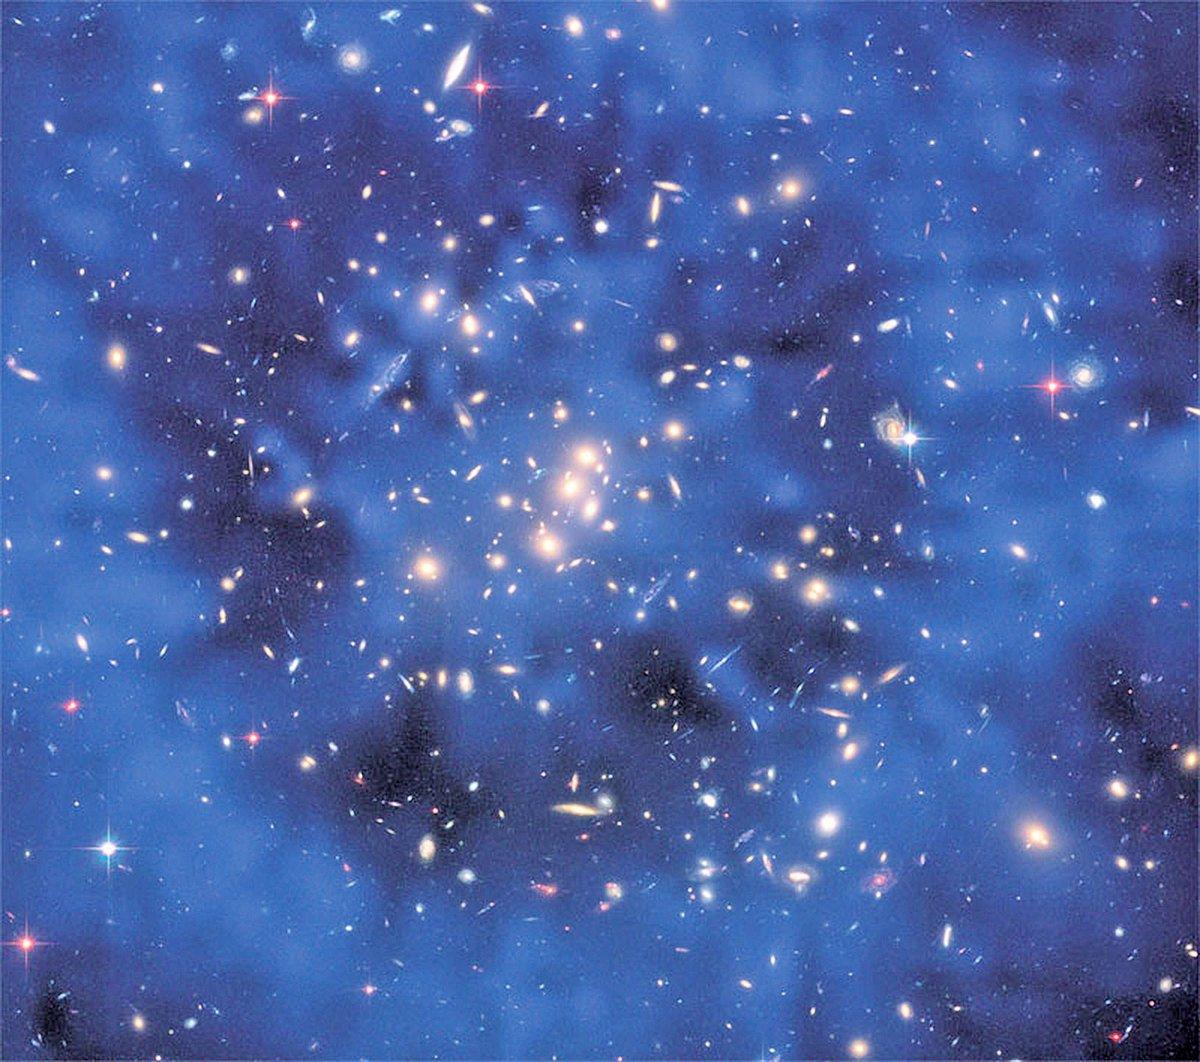 從引力透鏡產生的效應,星系團CL0024+17內部被發現存在有一個暗物質圈,在這張哈伯太空望遠鏡相片裏以藍色顯示出來。(NASA)